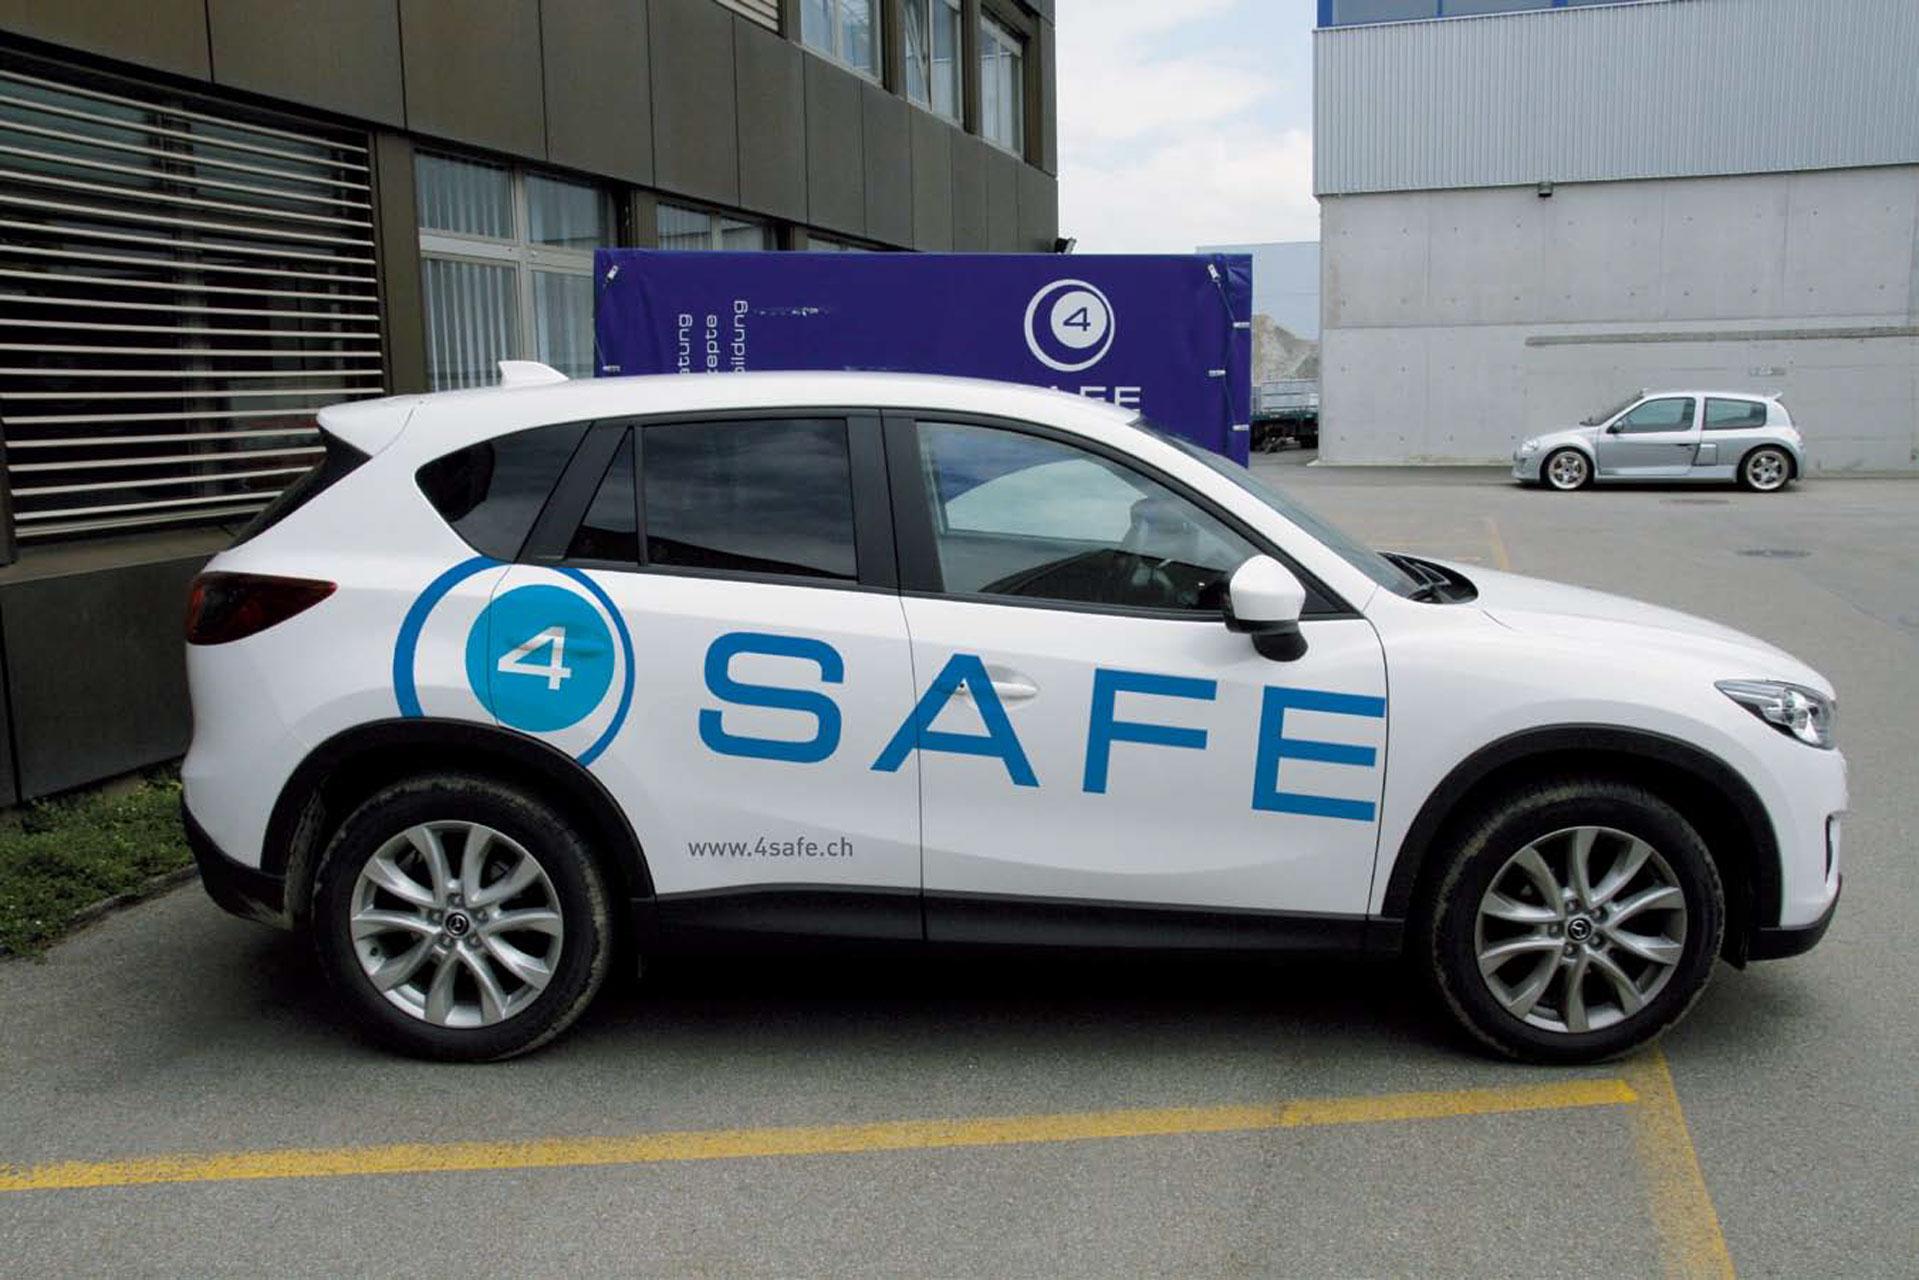 4SAFE_Fahrzeugbeschriftung.jpg